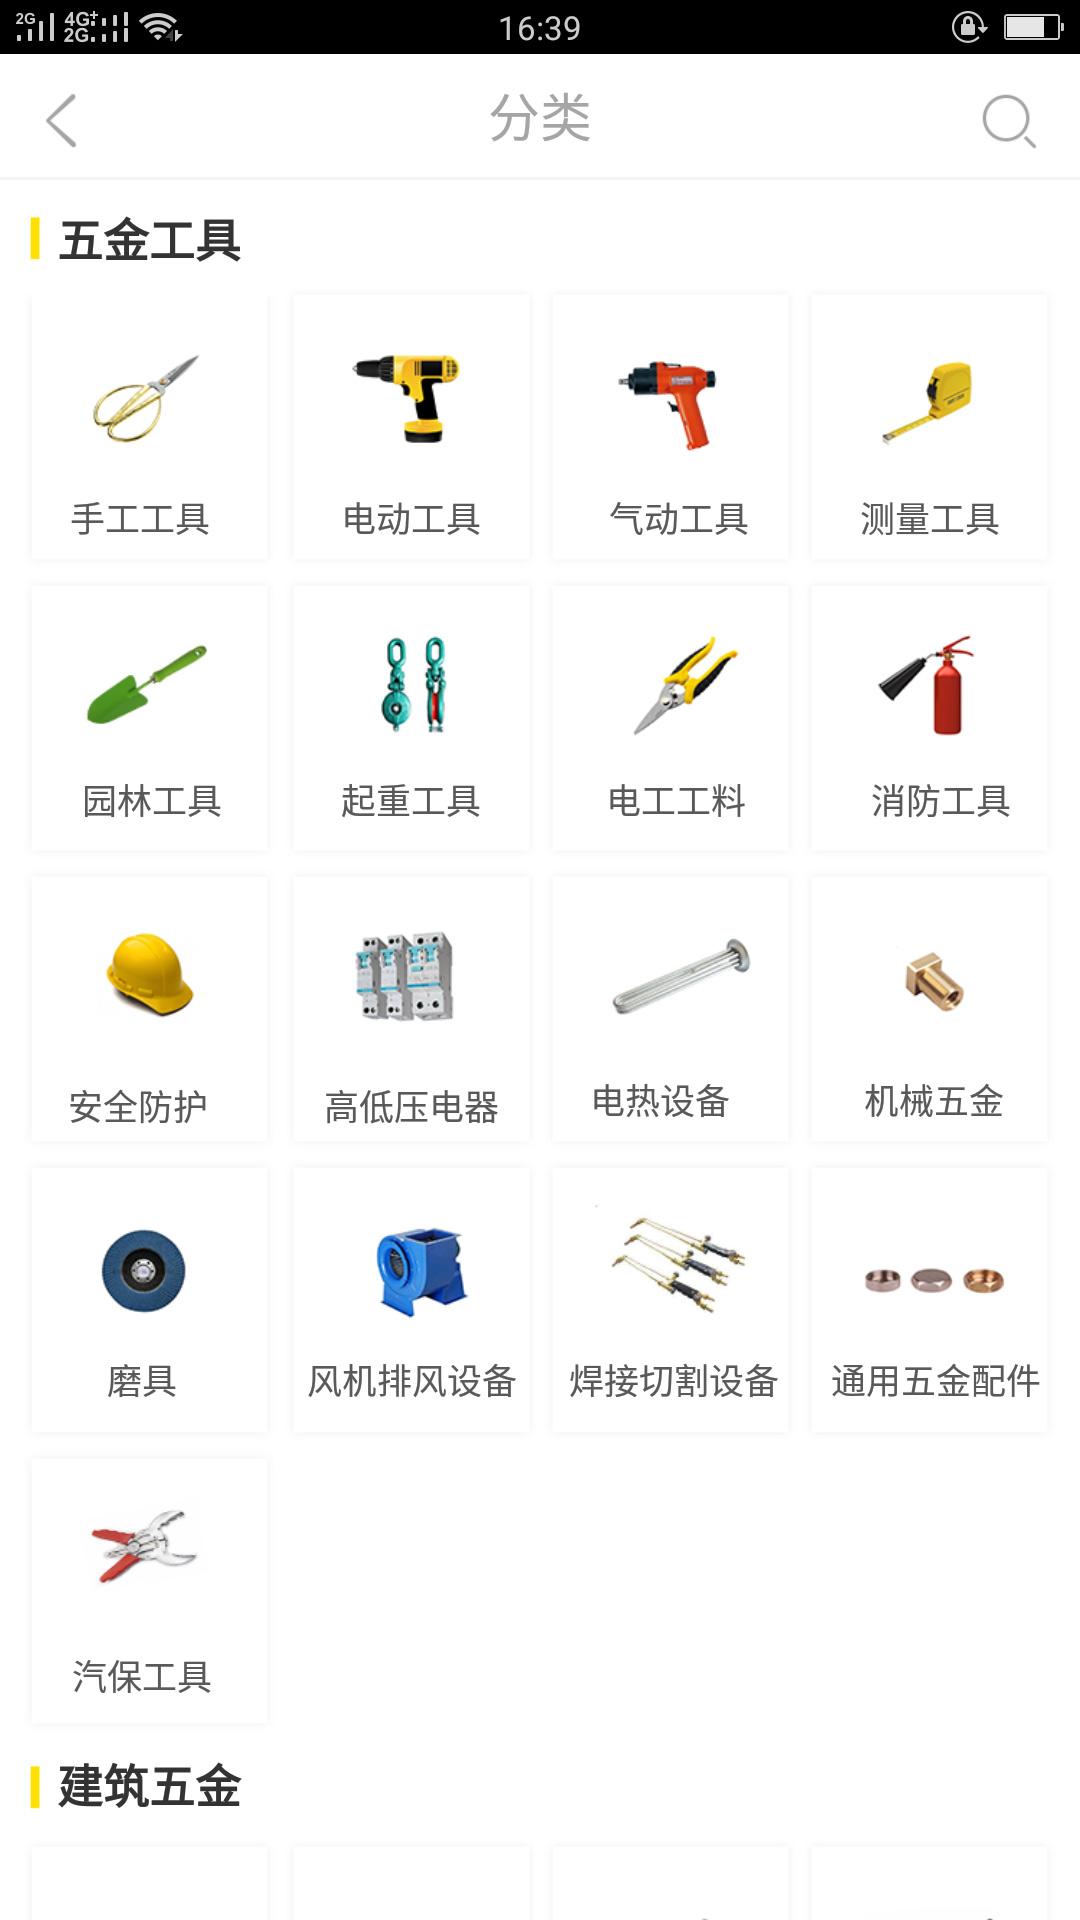 五金建材app制作